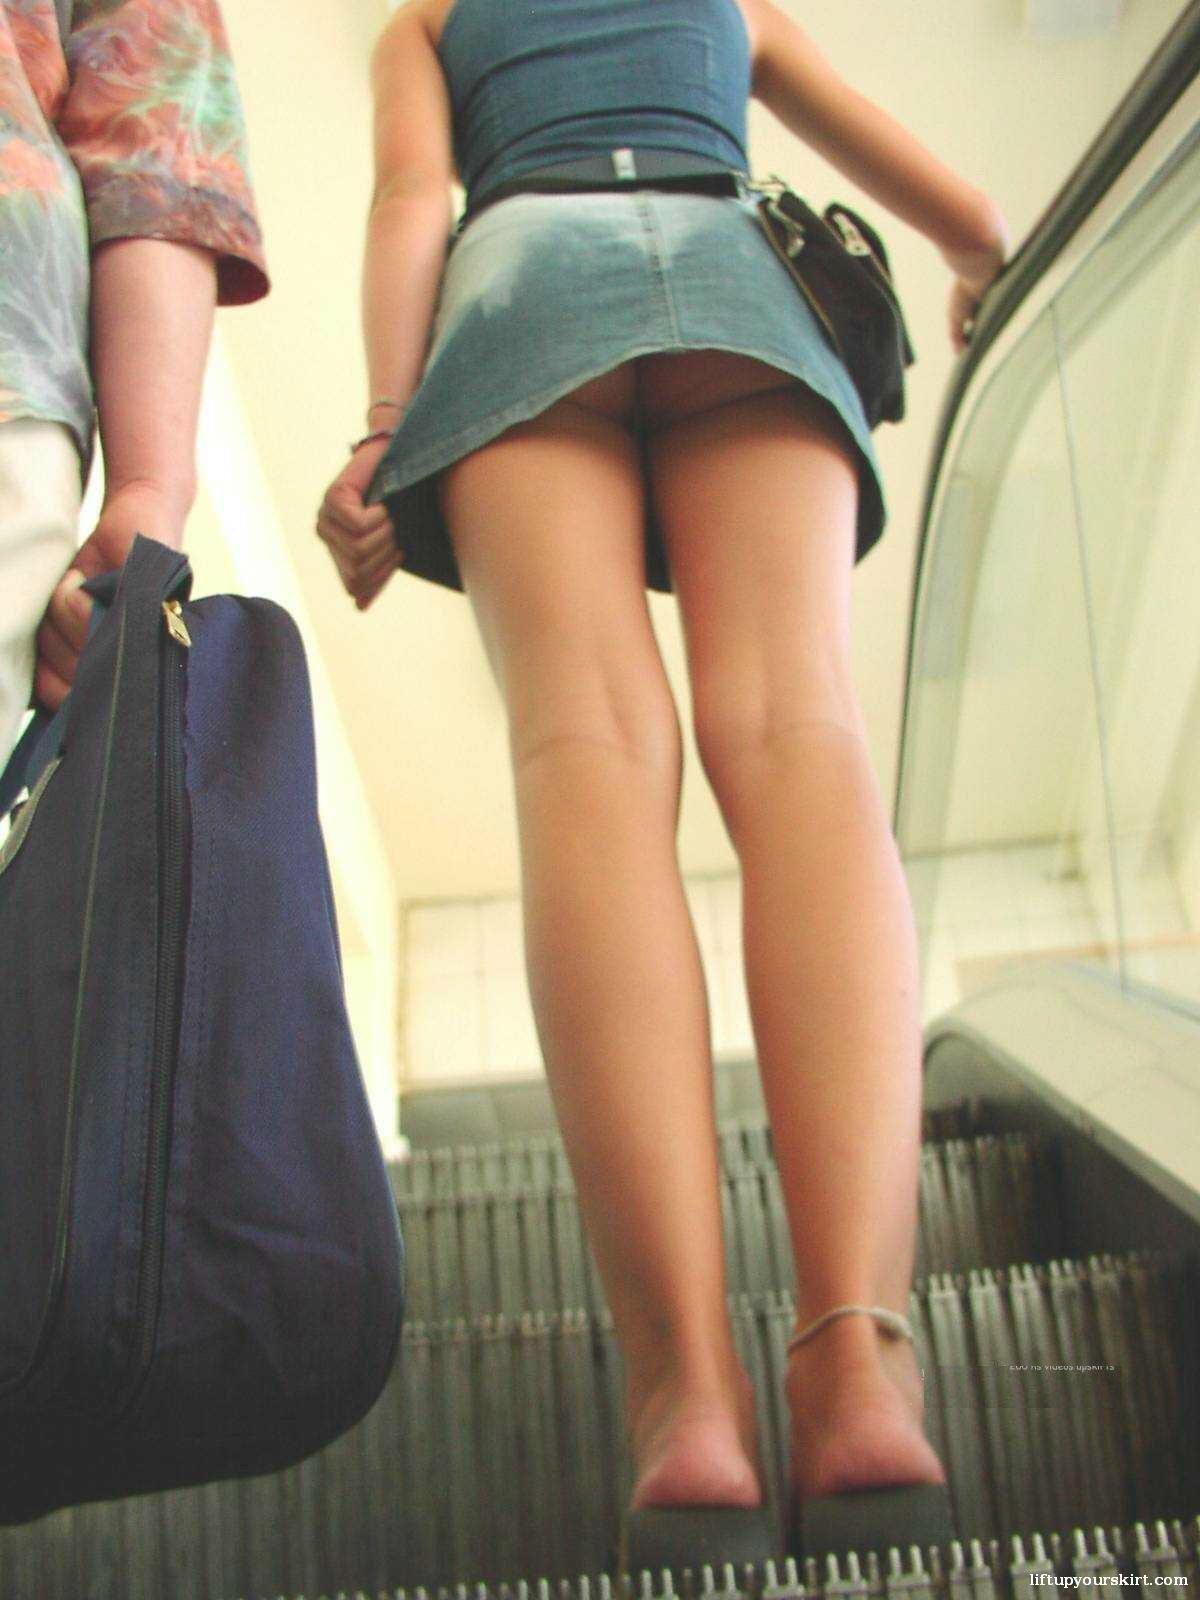 【パンチラエロ画像】階段なくてもしゃがめば…ローアングルから悩殺パンツ激写(;´Д`)